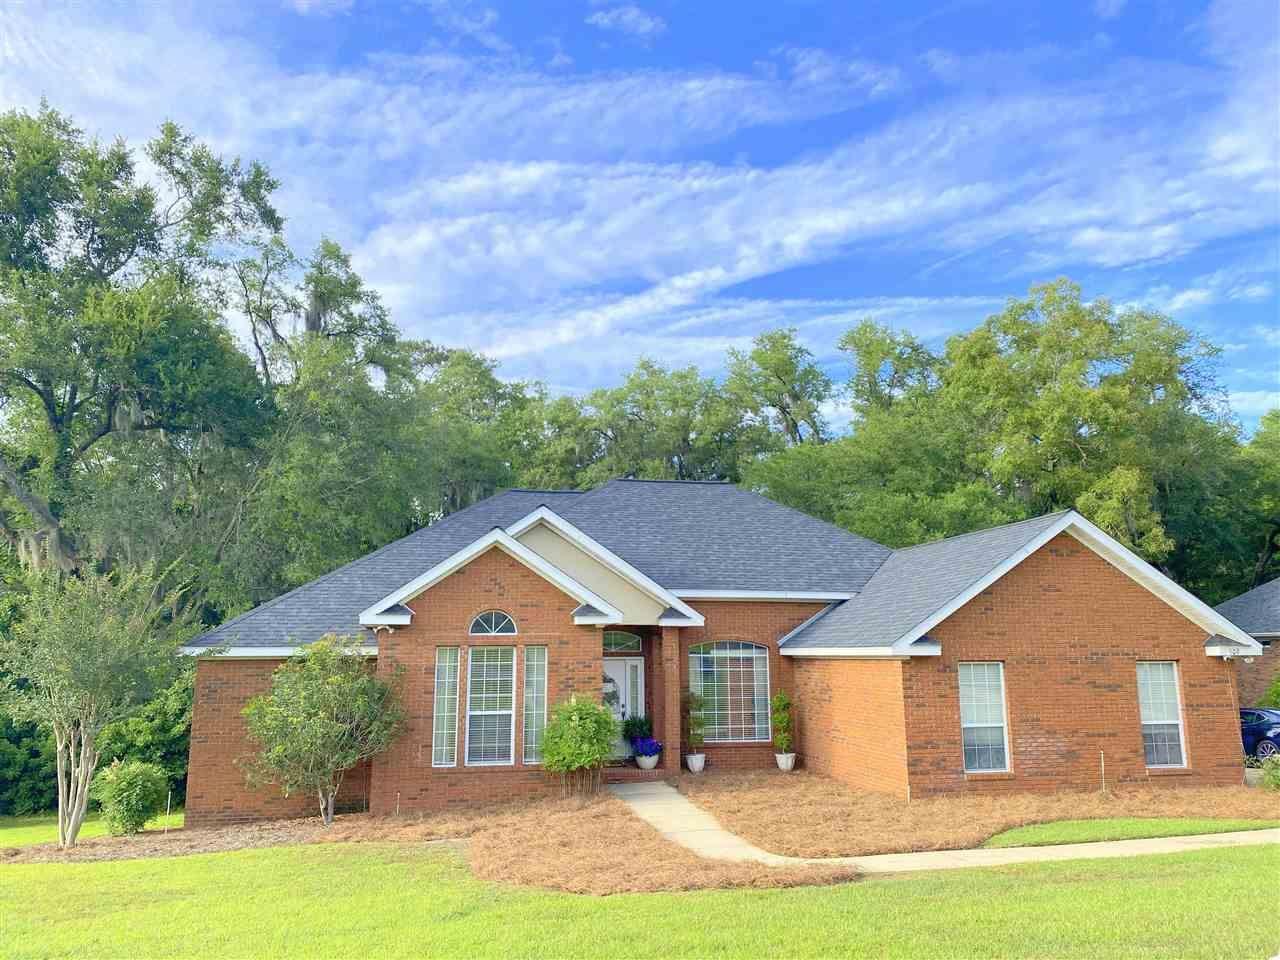 Photo of 509 Meadow Ridge Drive, TALLAHASSEE, FL 32312 (MLS # 332181)